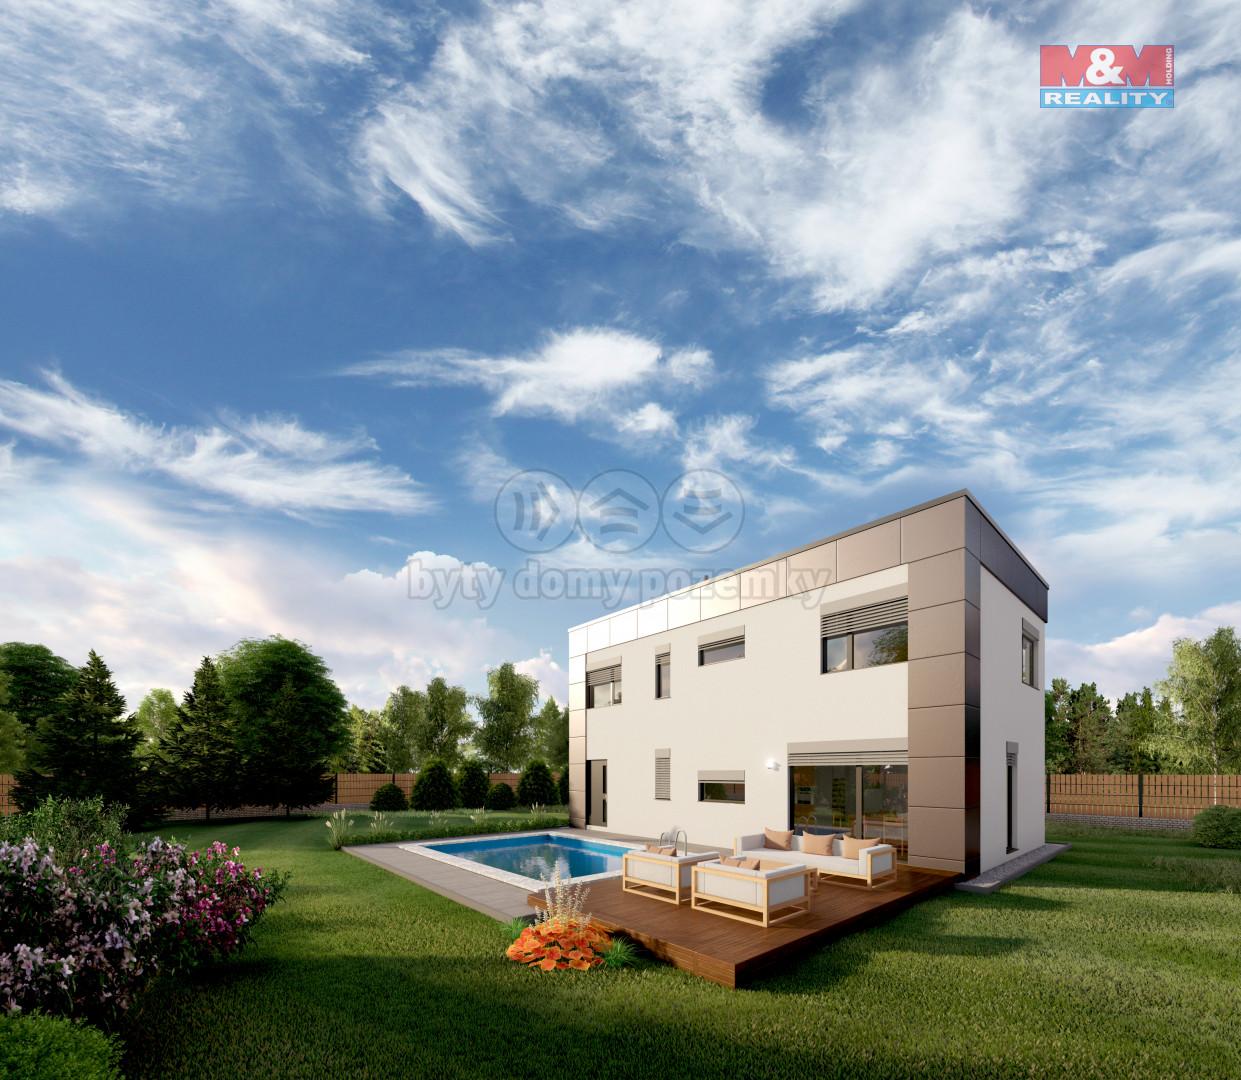 Prodej rodinného domu 5+kk s pozemkem 6300 m2, Statenice